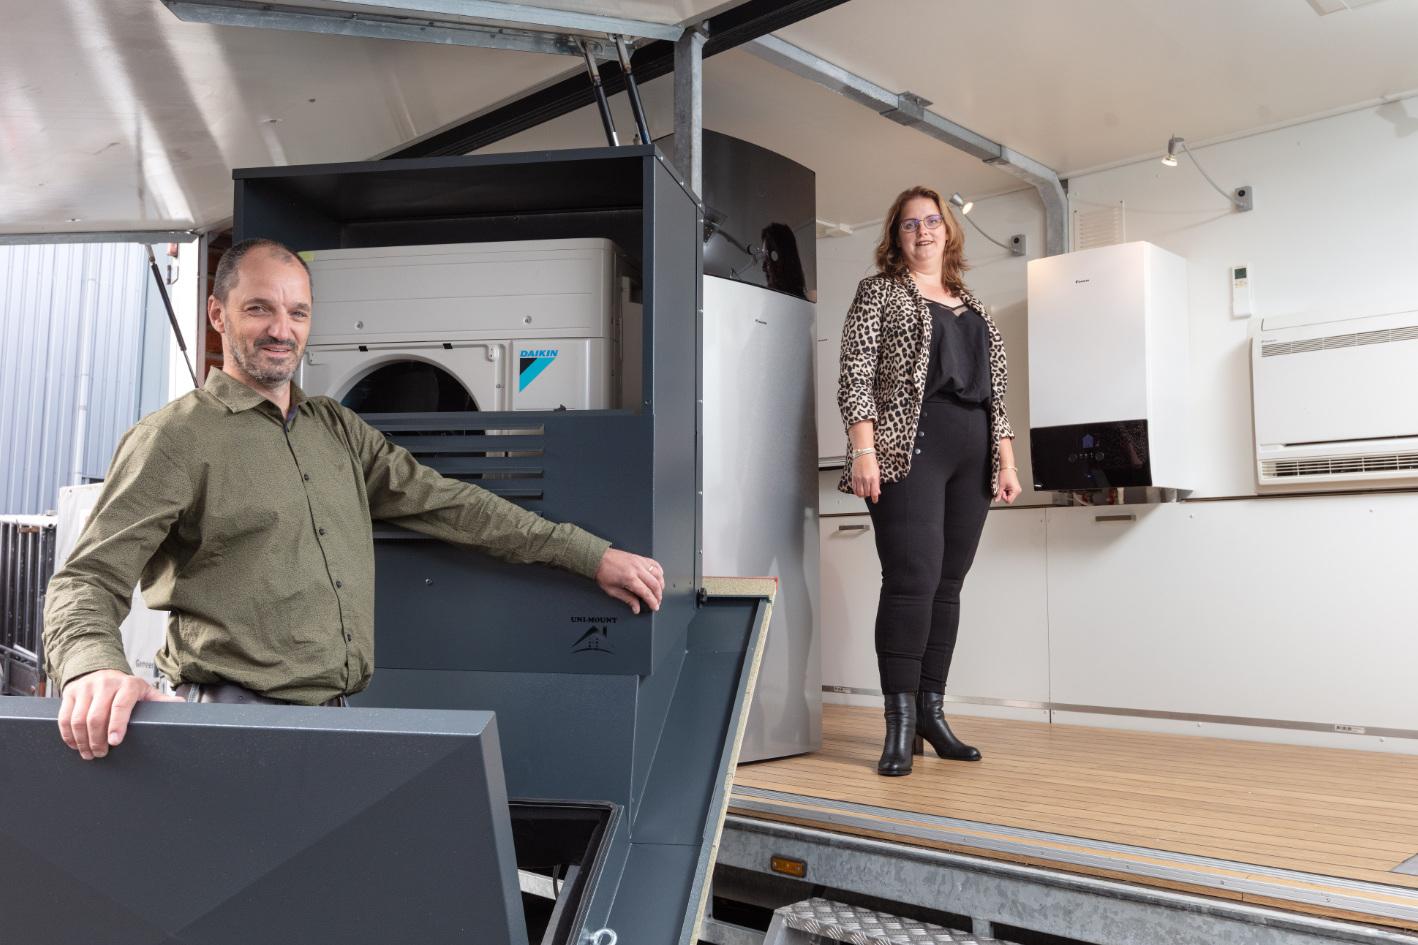 Harold Hofhuis en vrouw Leonie bij de mobiele showroom die is ingericht met duurzame oplossingen